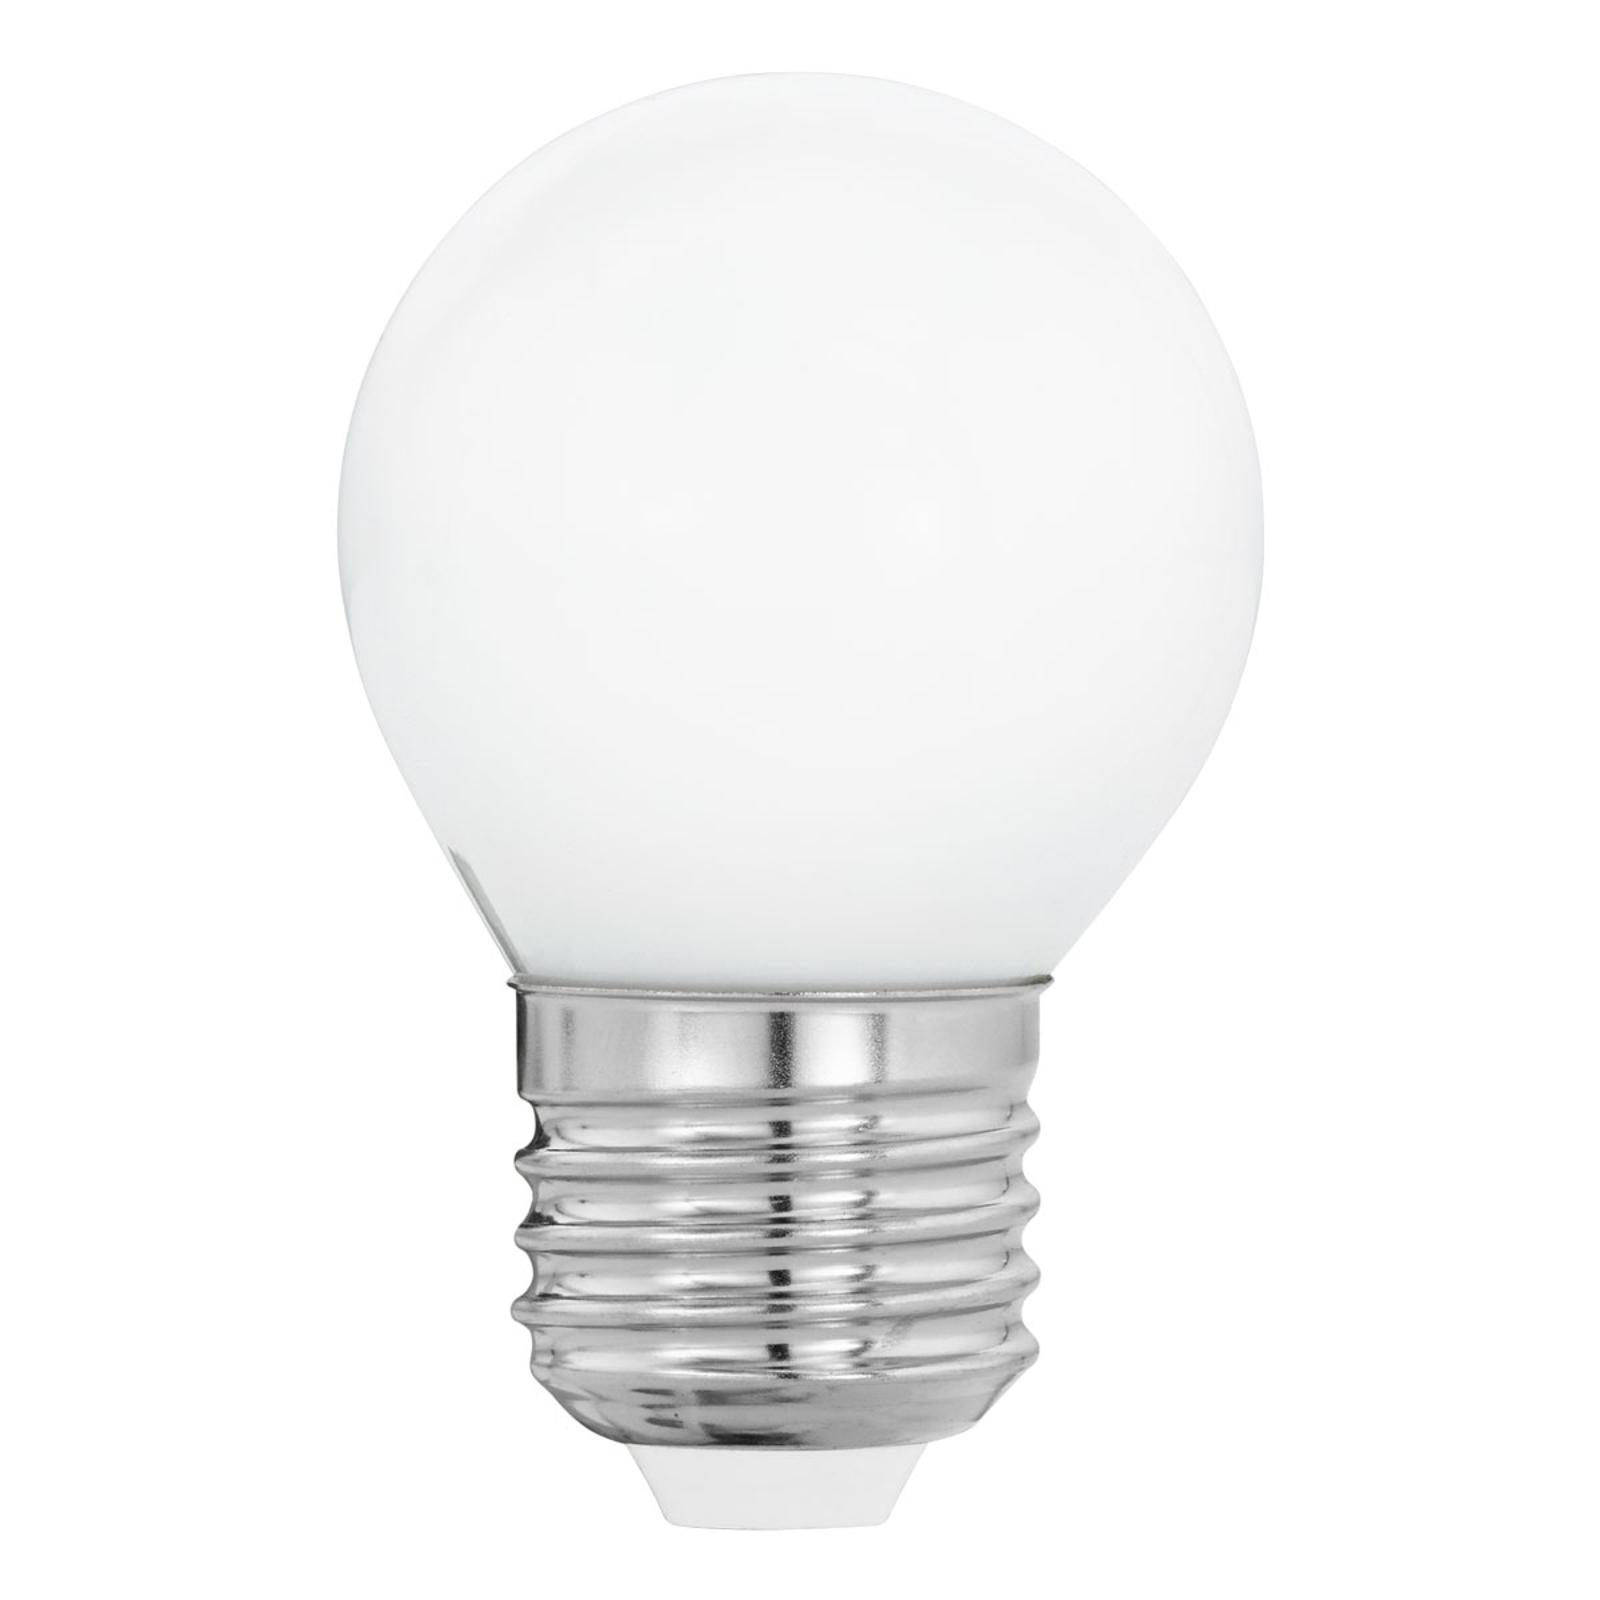 LED-Lampe E27 G45 4W, warmweiß, opal